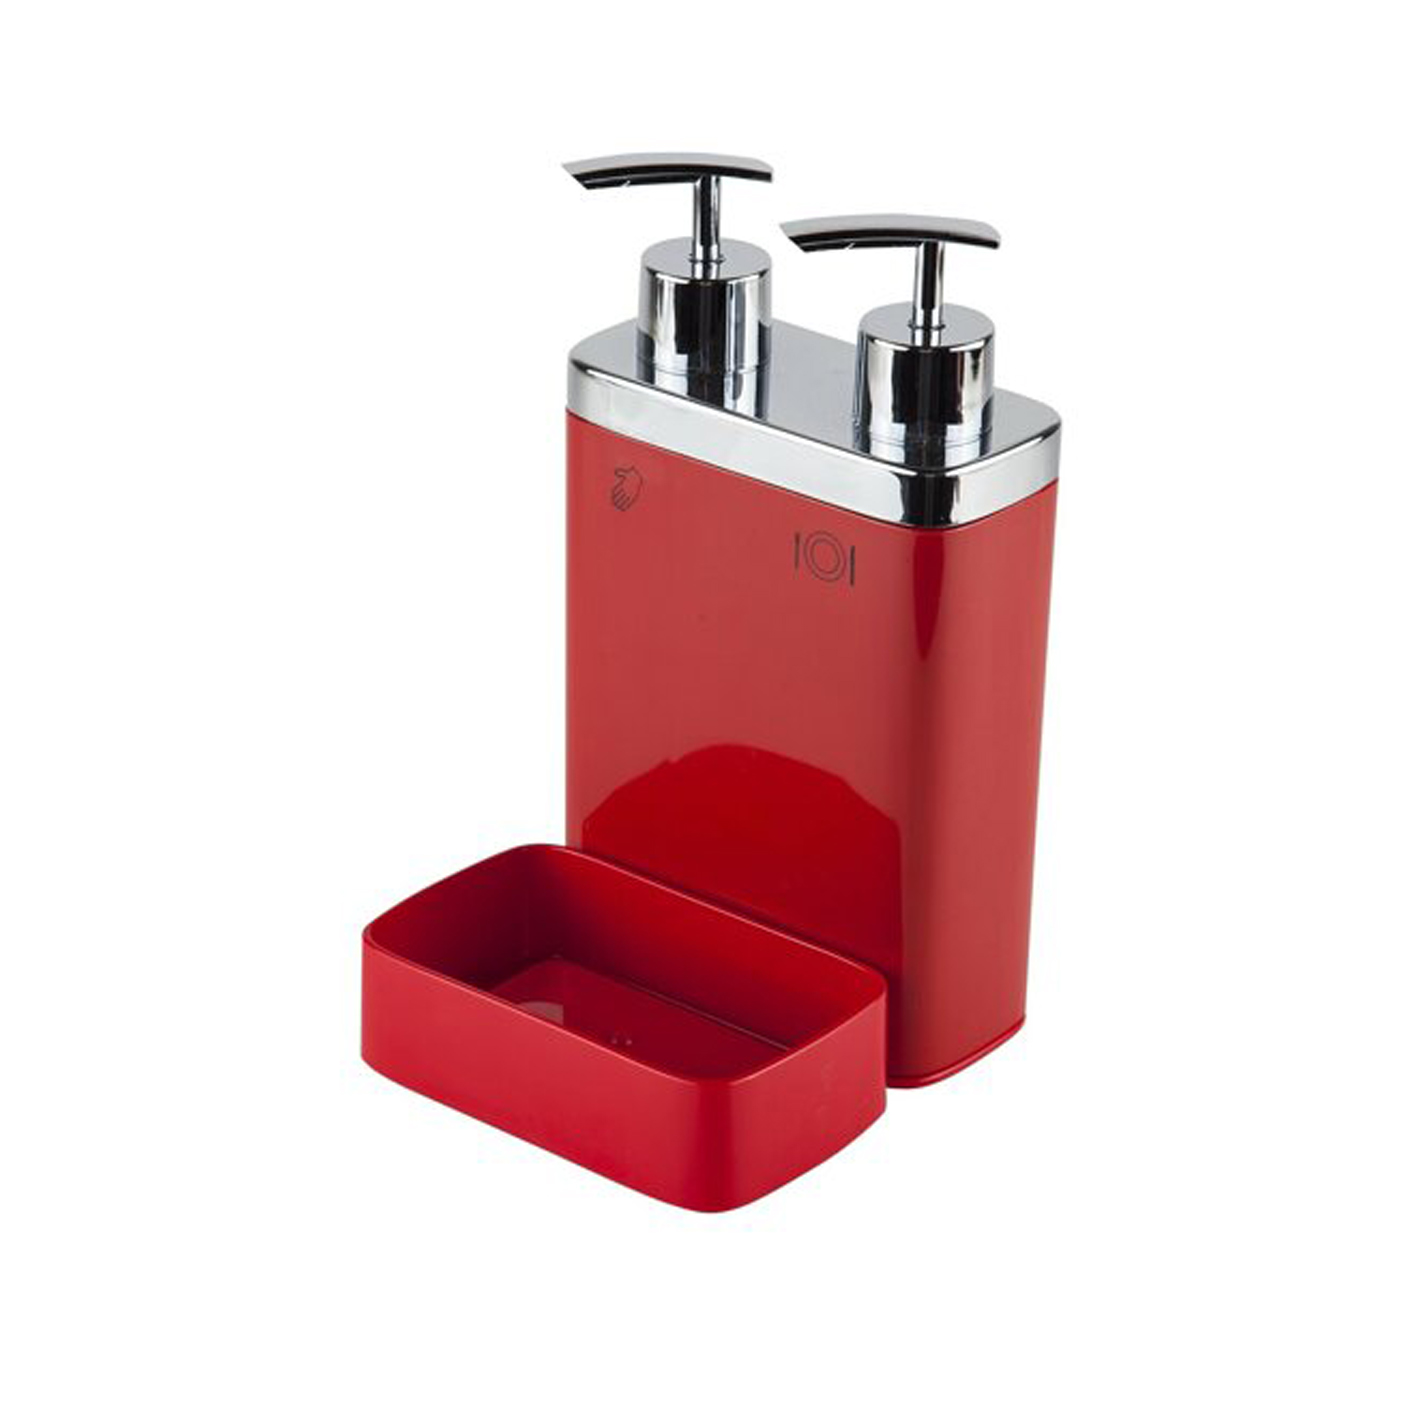 Viva 2'li Süngerli Sıvı Sabunluk Kırmızı